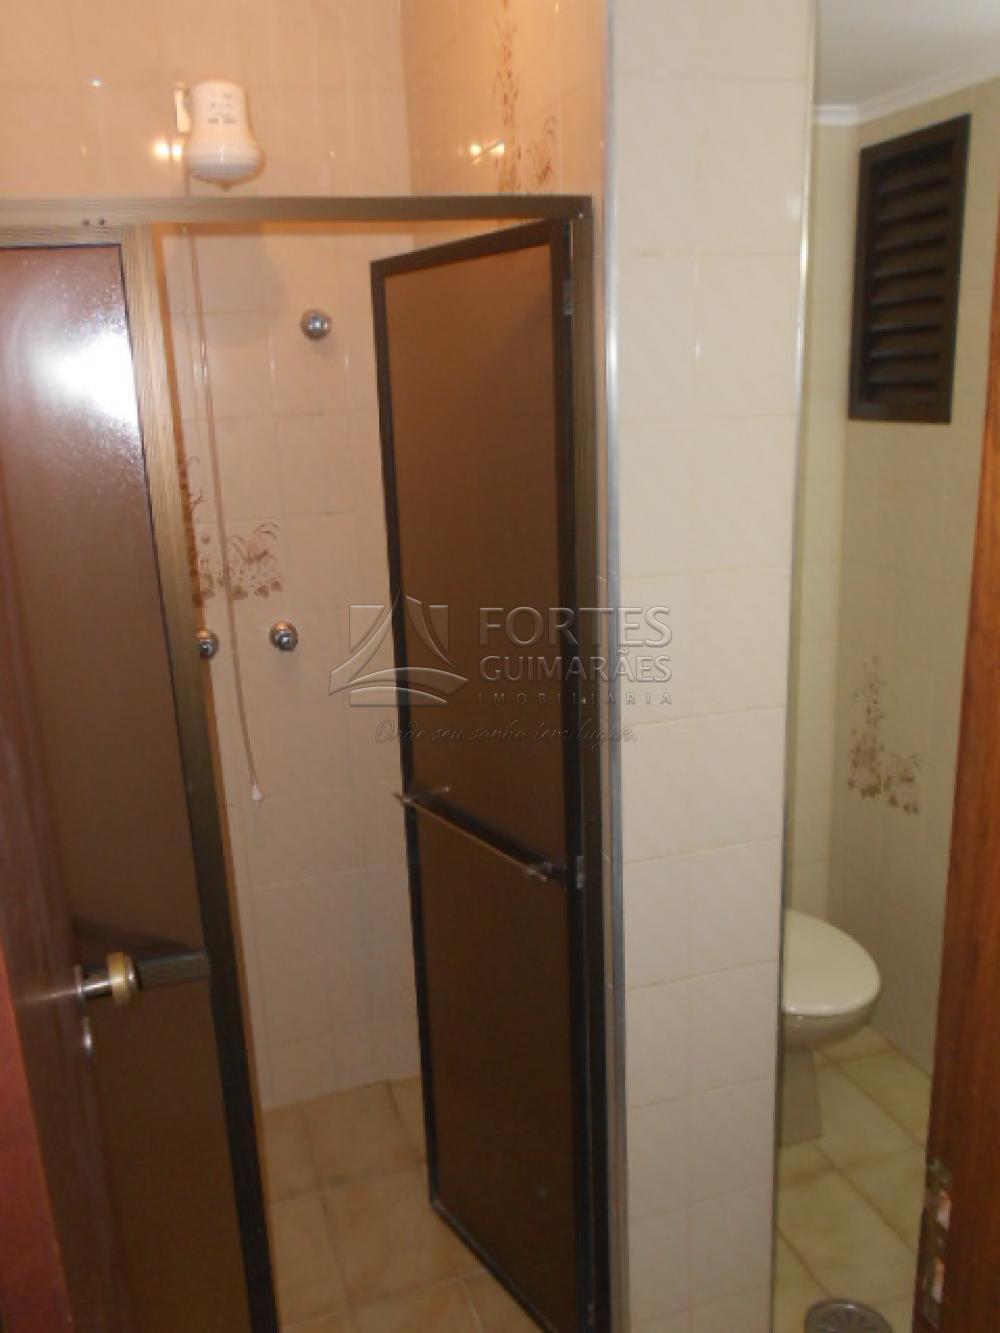 Alugar Apartamentos / Padrão em Ribeirão Preto apenas R$ 1.250,00 - Foto 31